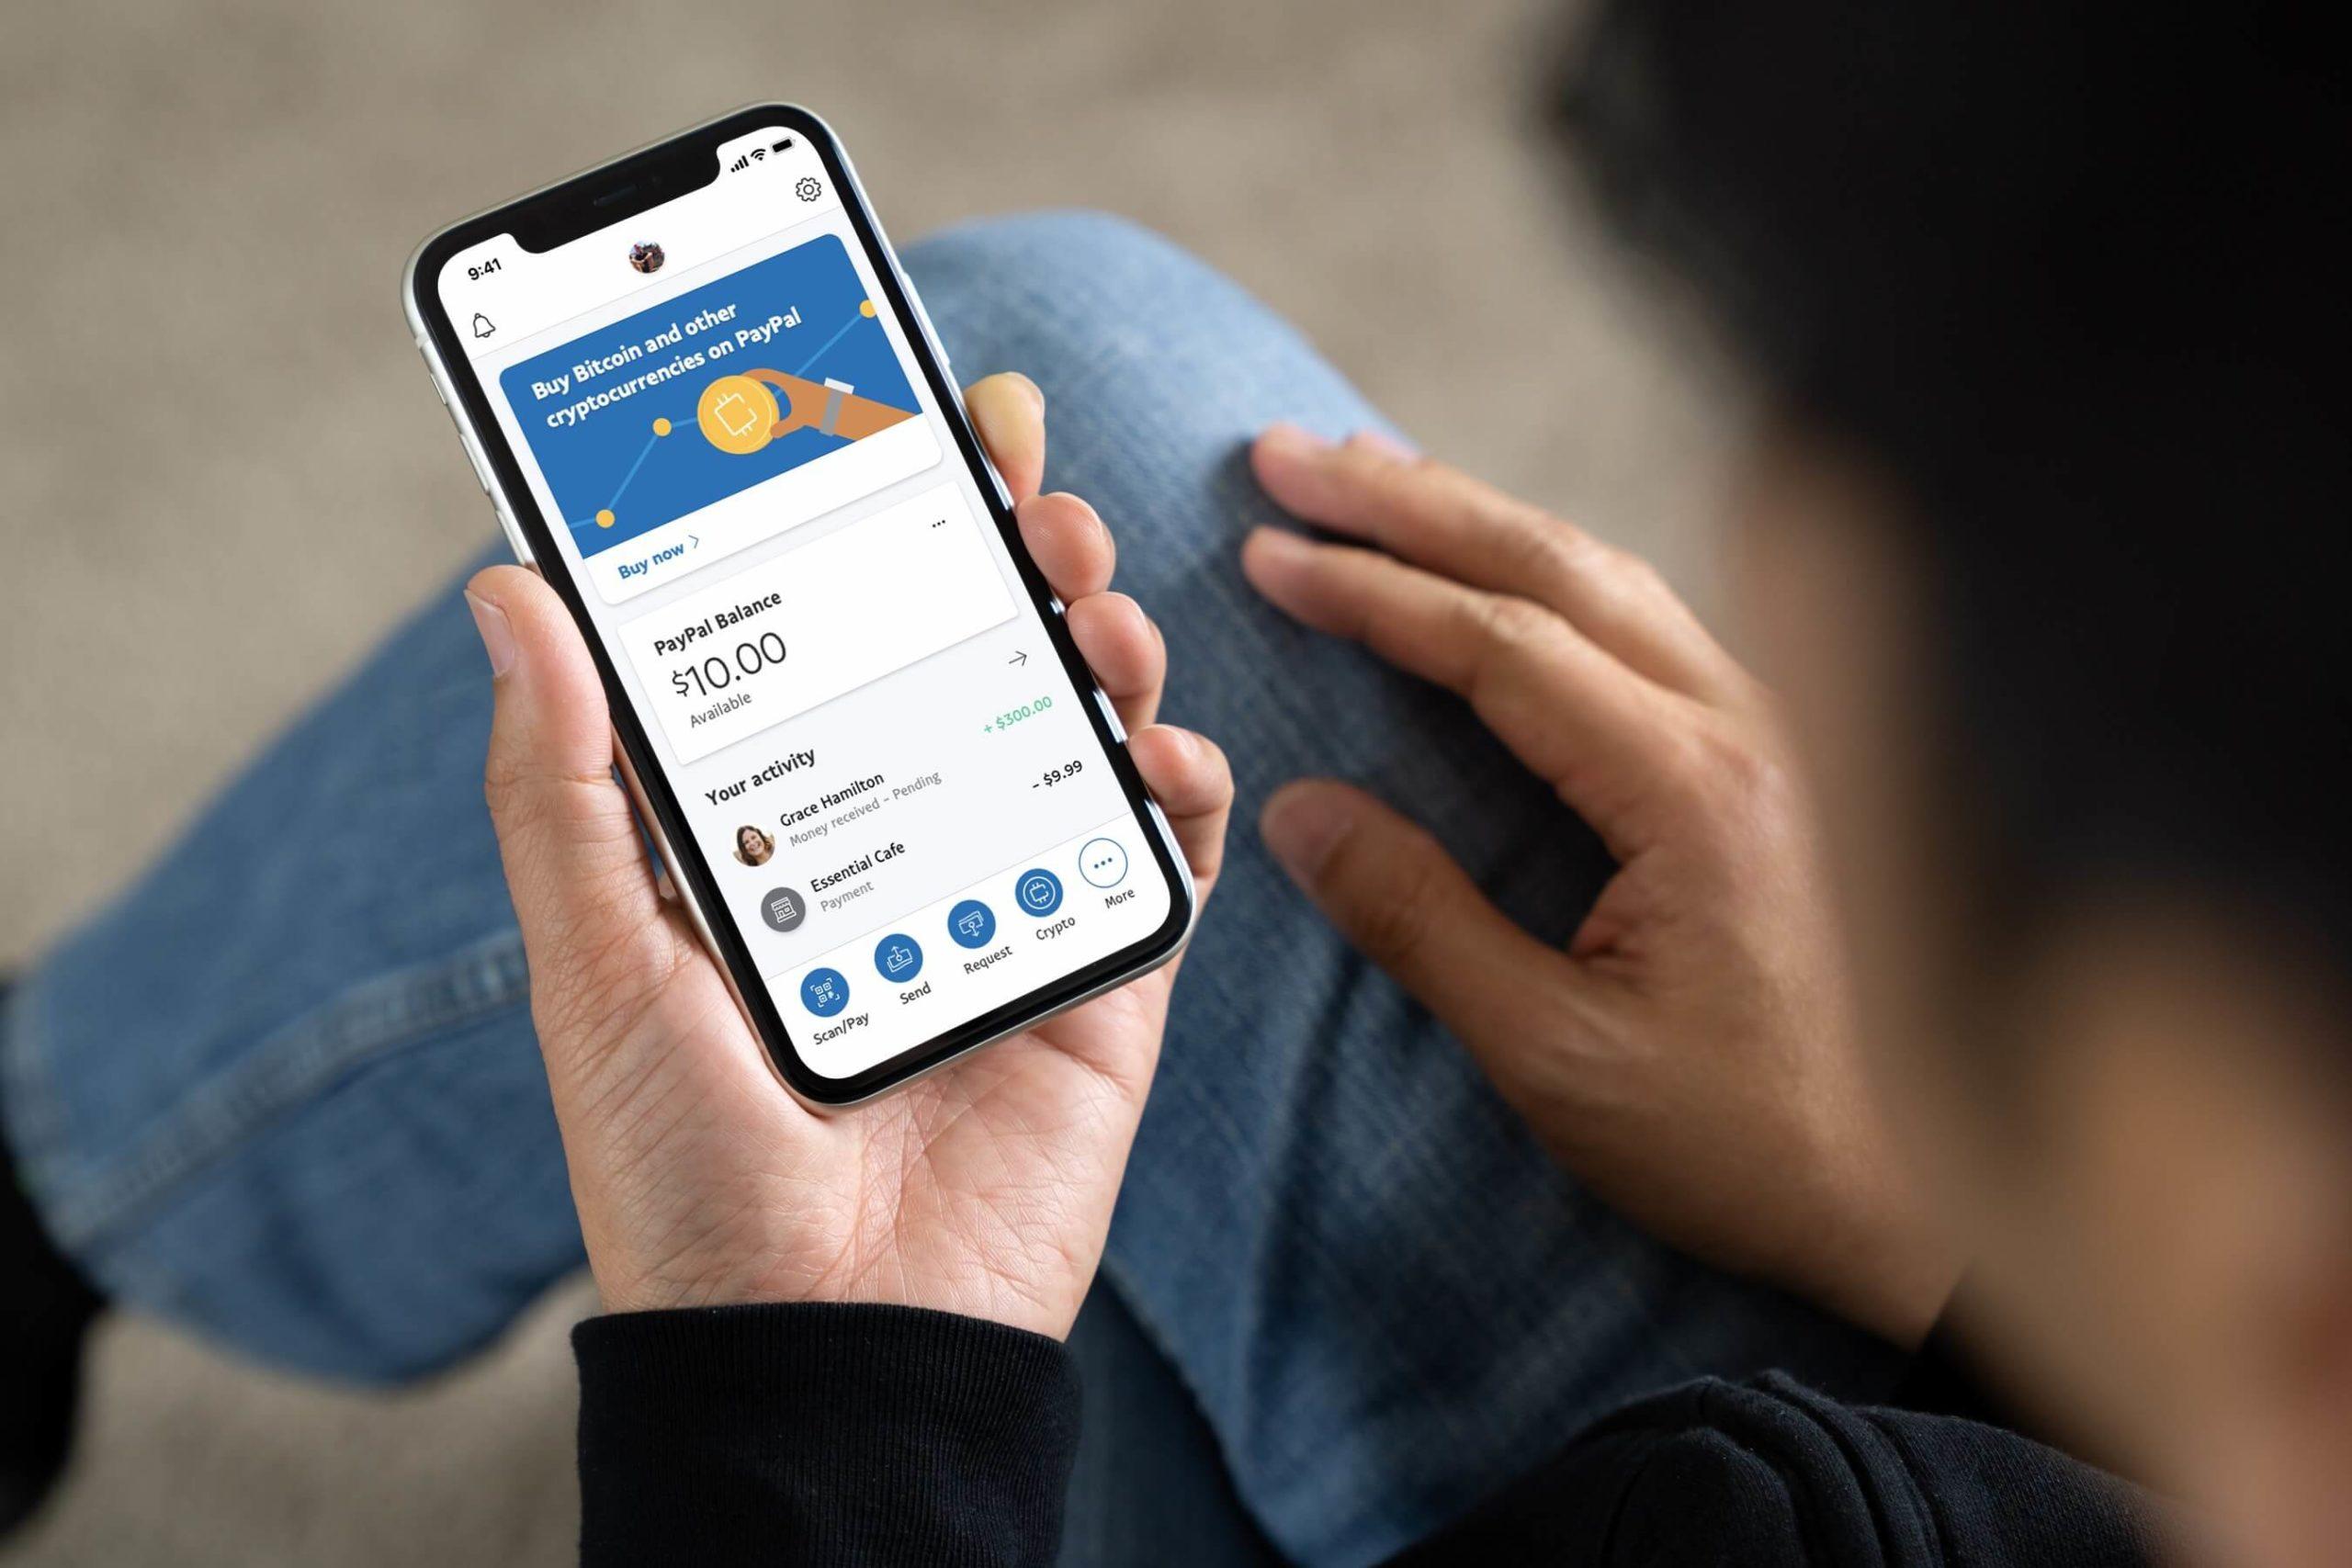 PayPal відкрила торгівлю криптовалютою для жителів Великобританії – Український телекомунікаційний портал